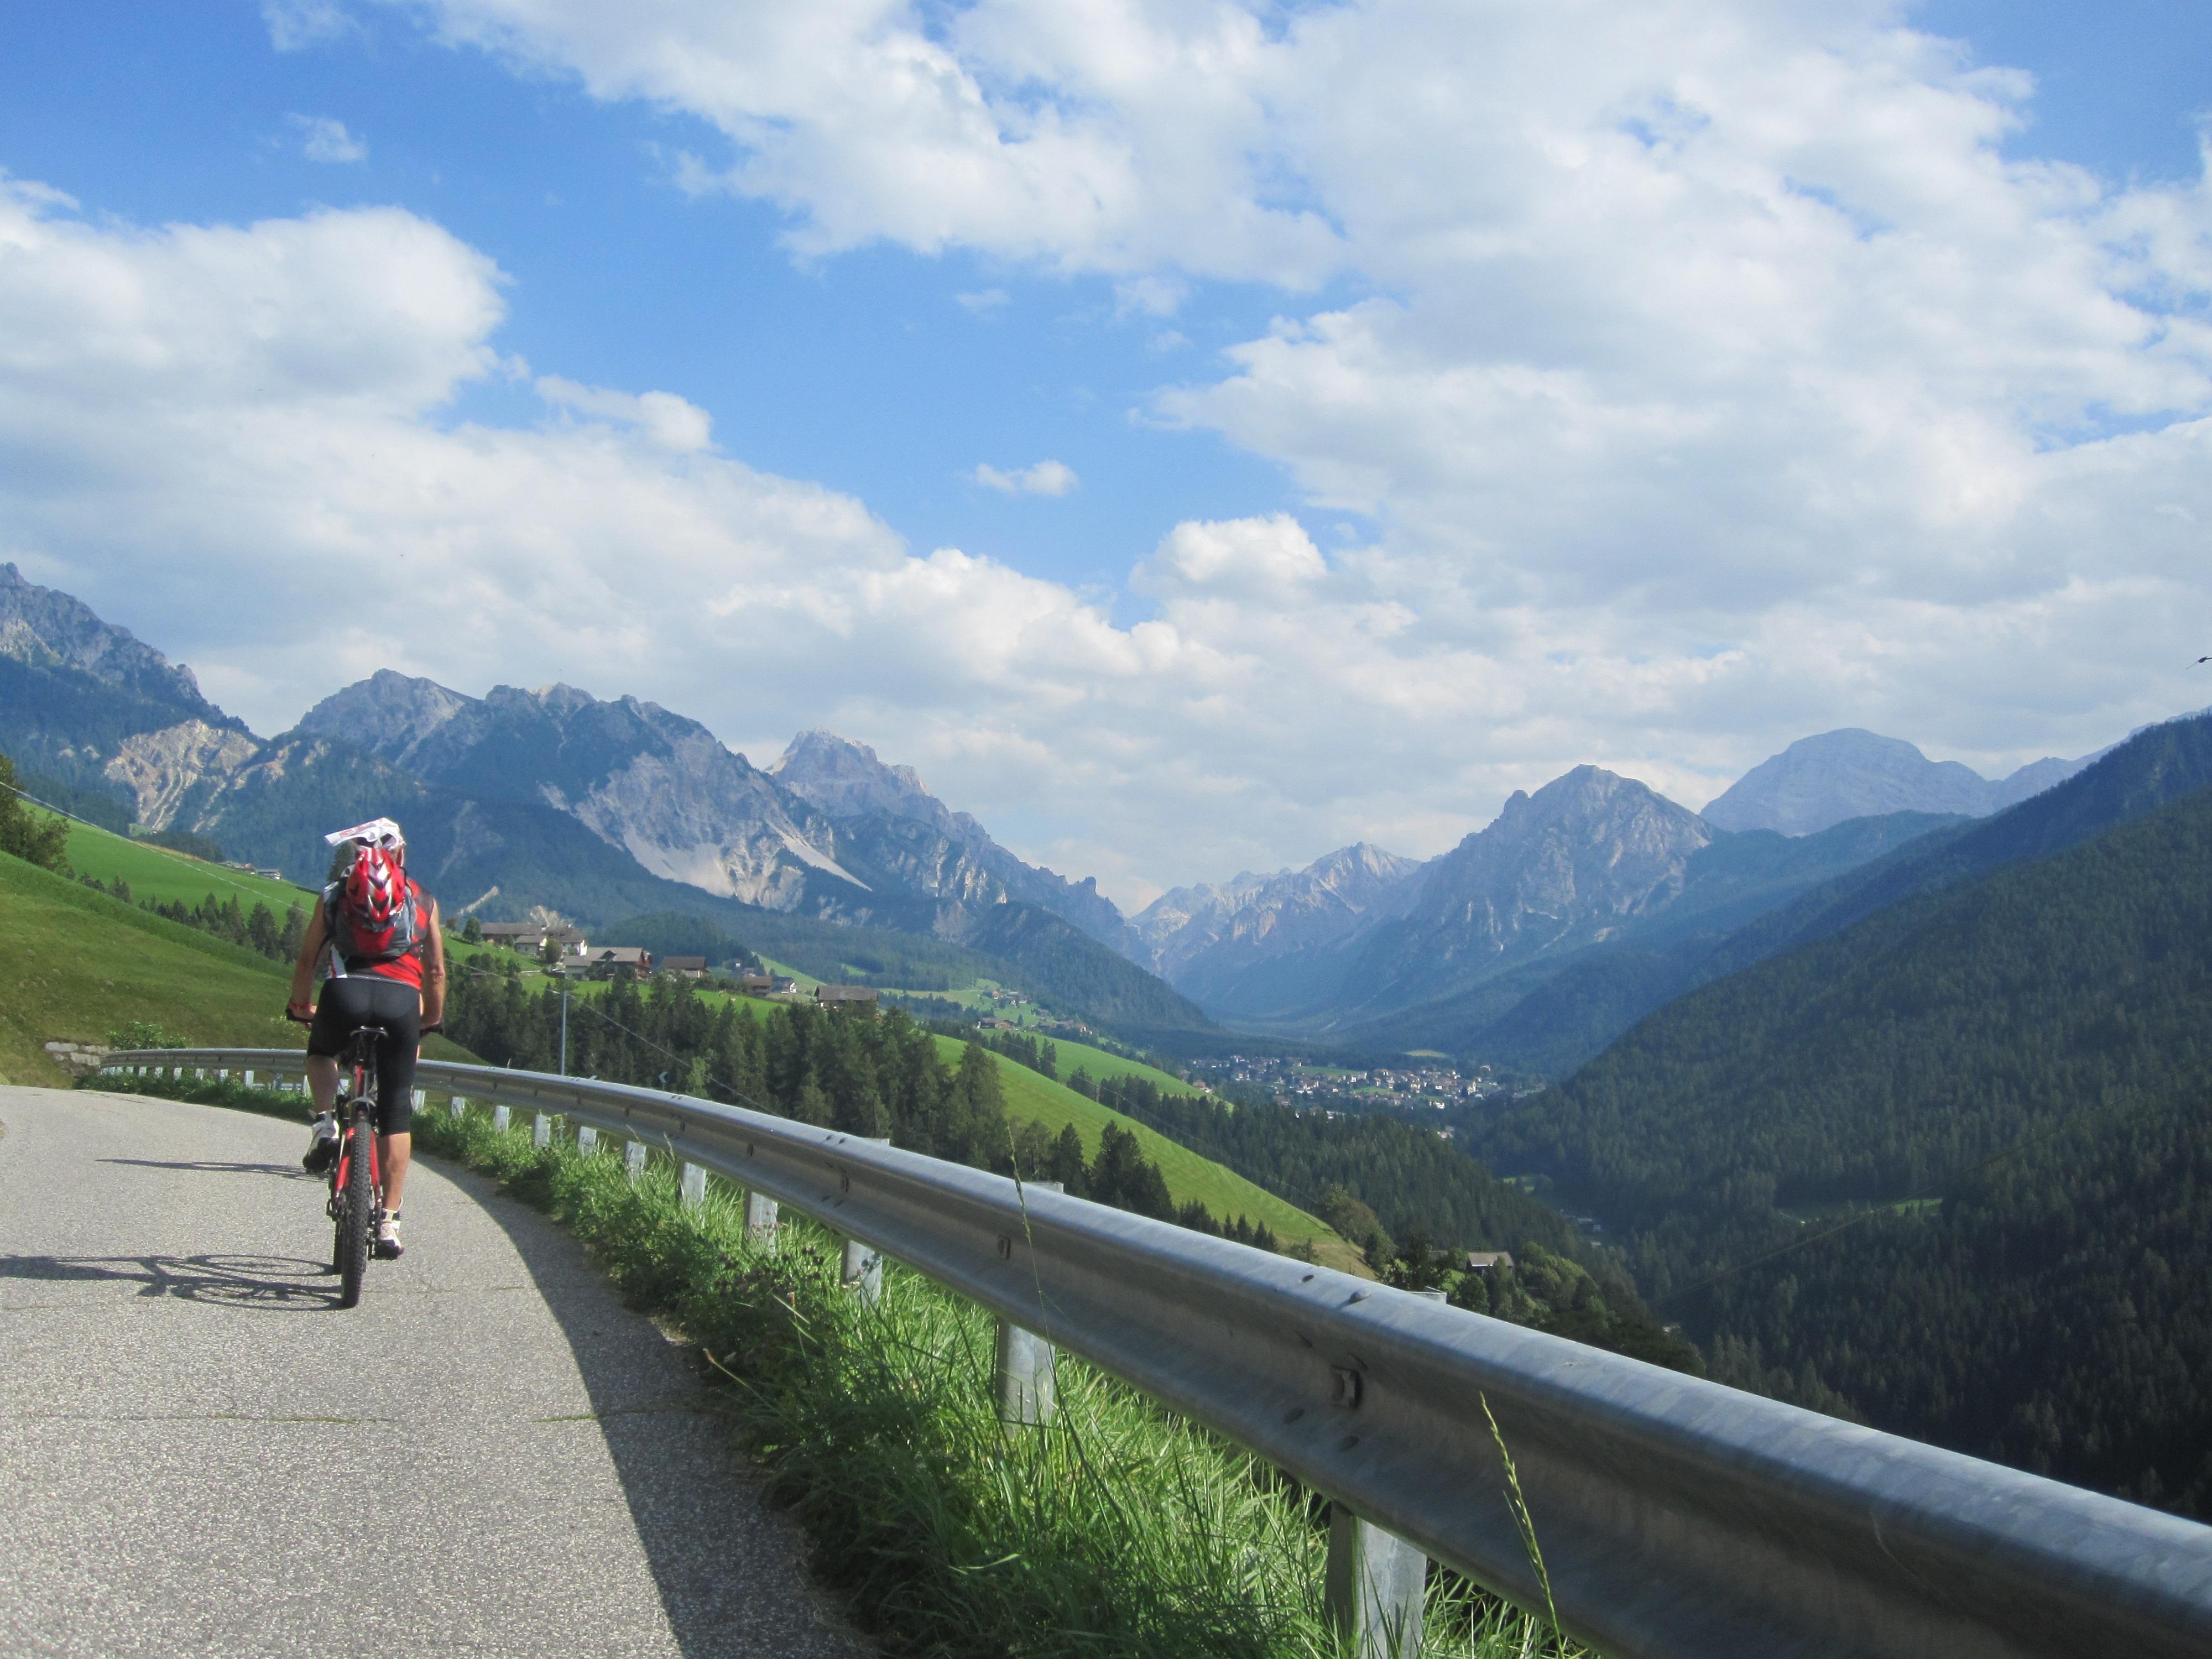 free images   walking  road  lake  adventure  mountain